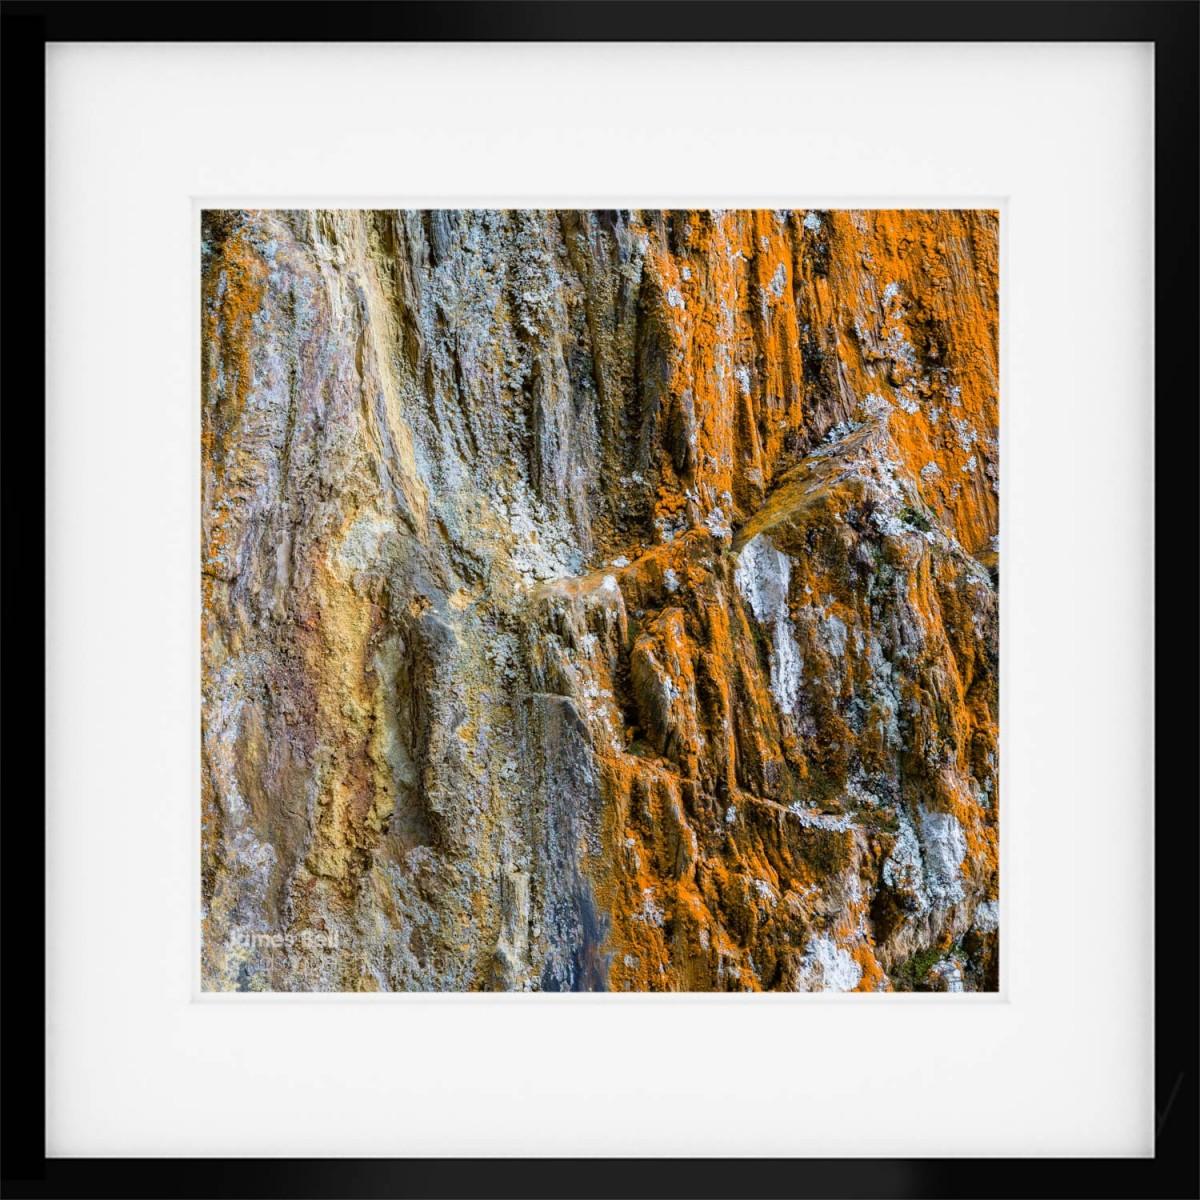 Tilberthwaite Texture II framed print